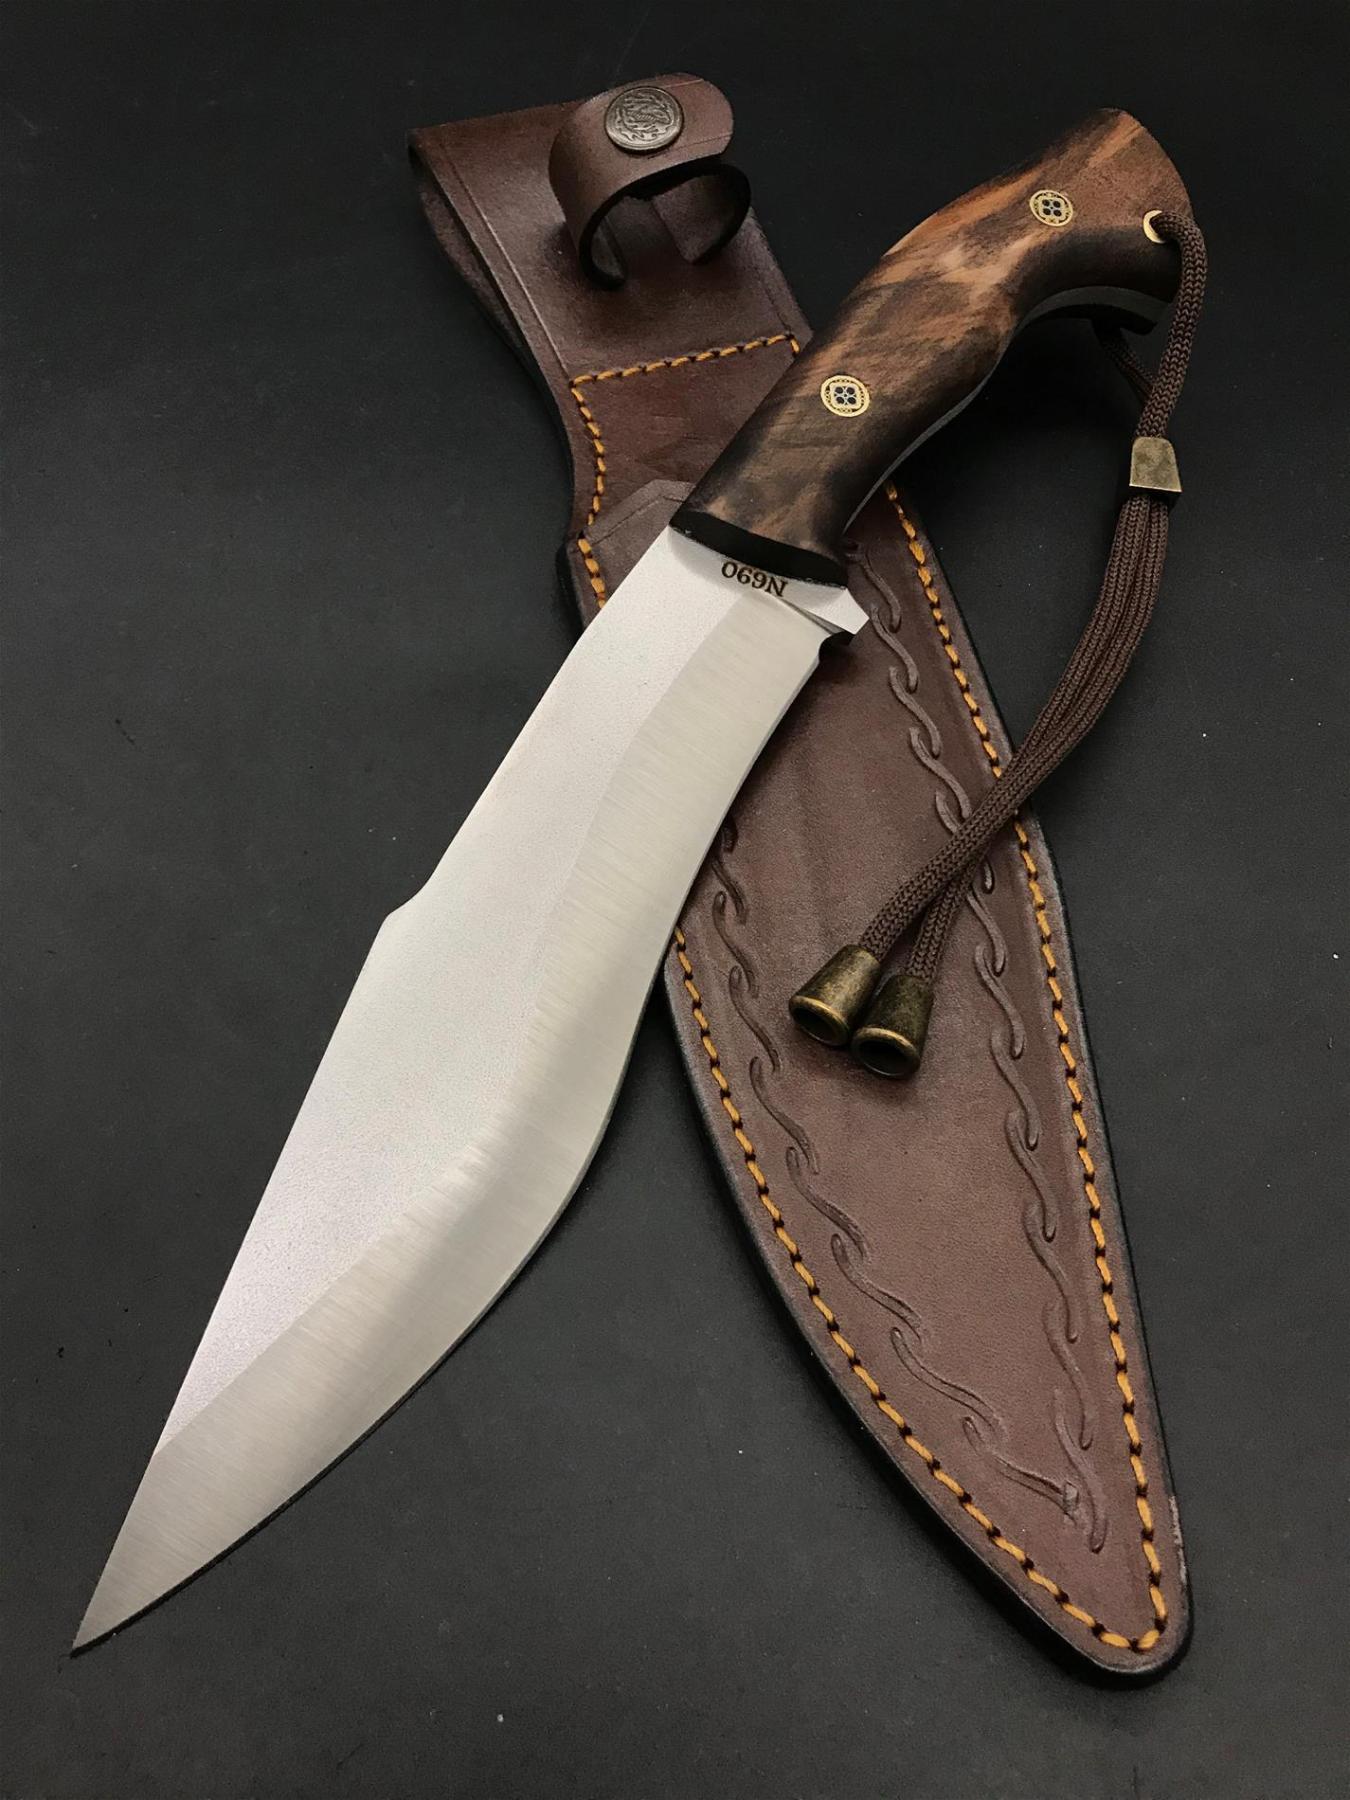 BOHLER N690 Camping Knife BB44-3